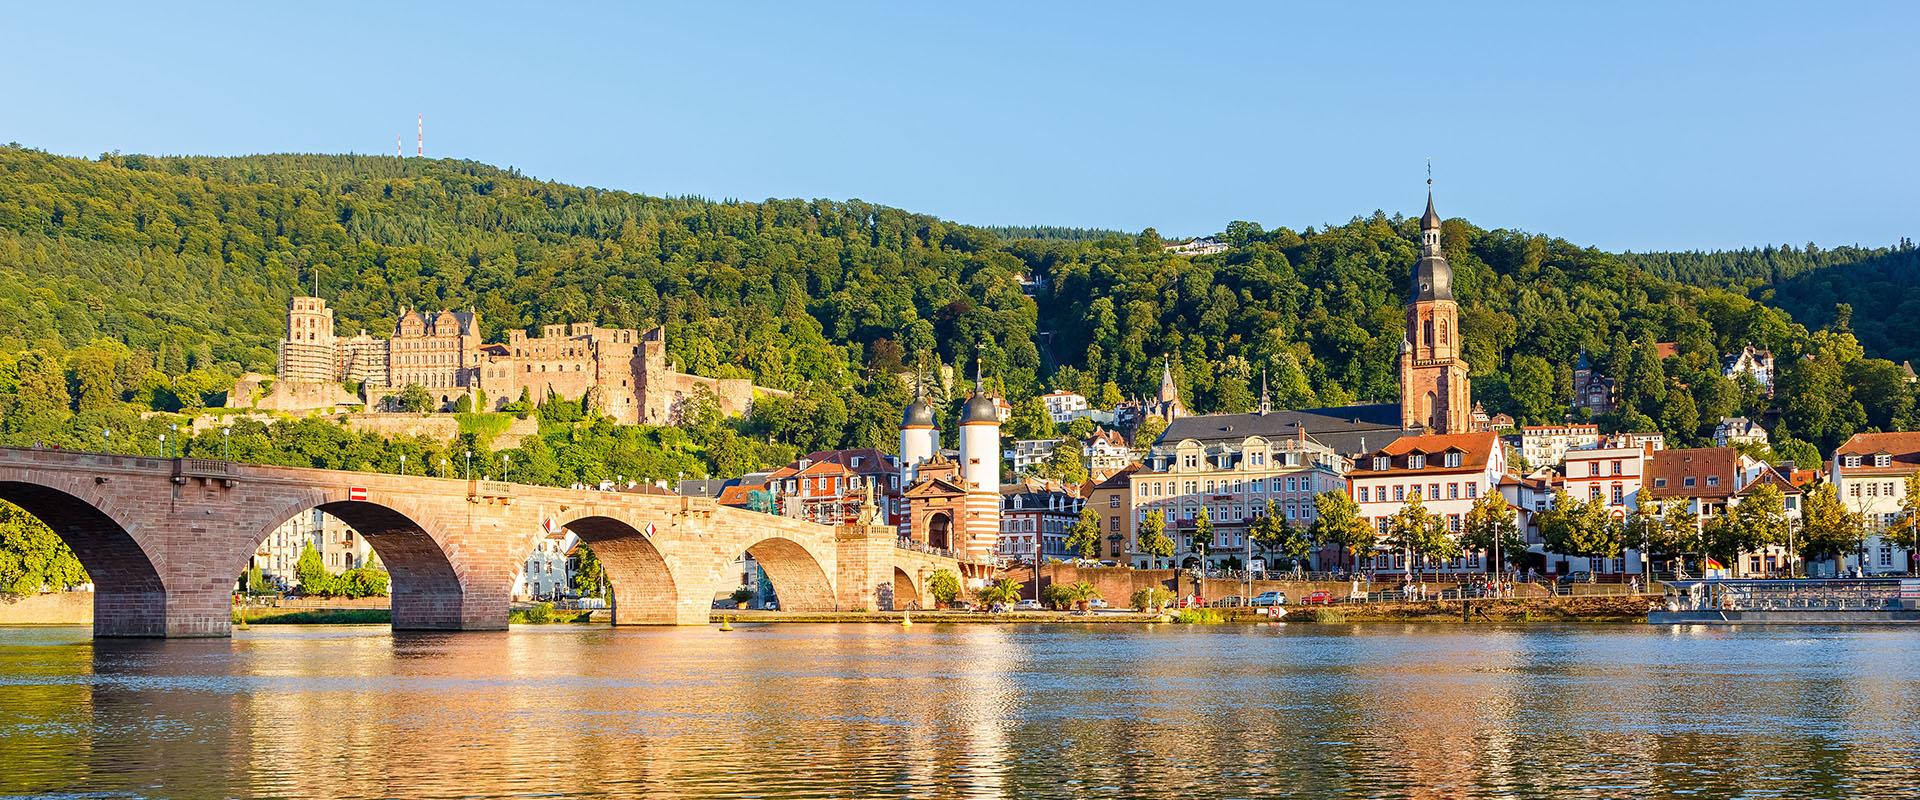 Emerald Sky River Cruising Moselle Exterior